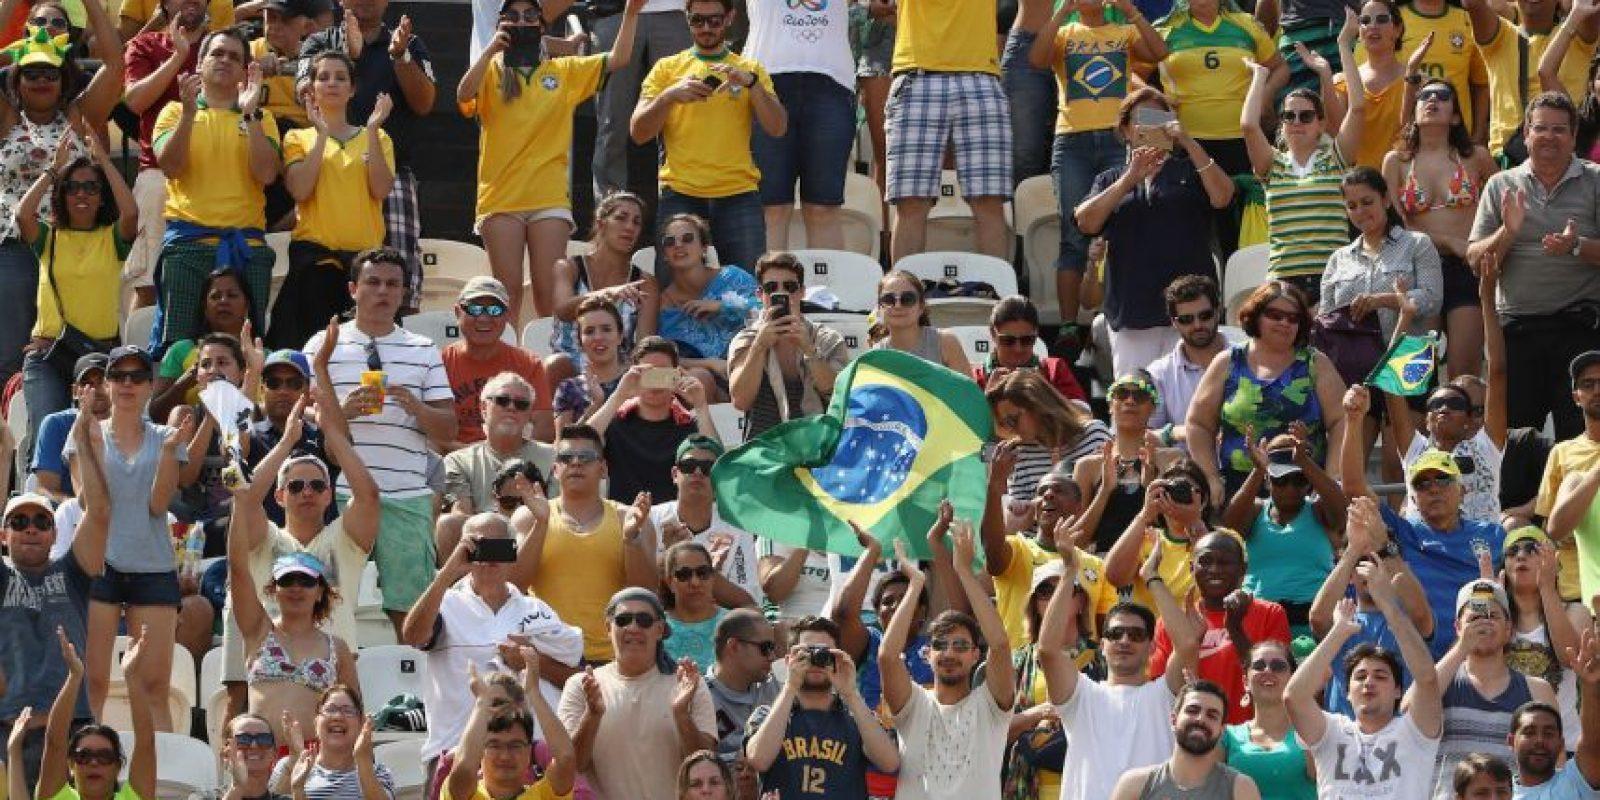 Mientras que los brasileños alientan a los rivales de la delegacíon argentina Foto:Getty Images